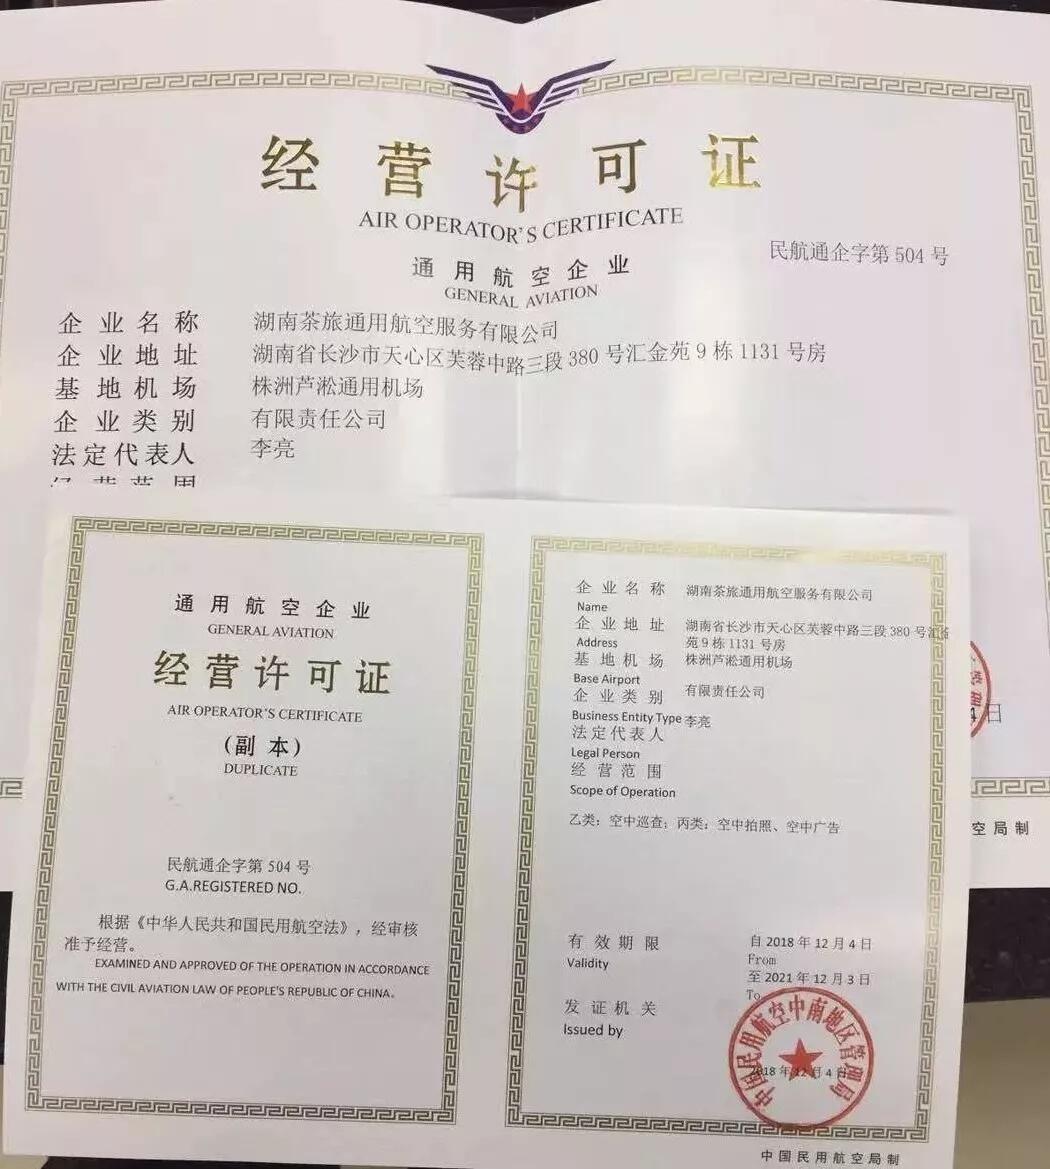 湖南茶旅通航获颁通用航空经营许可证